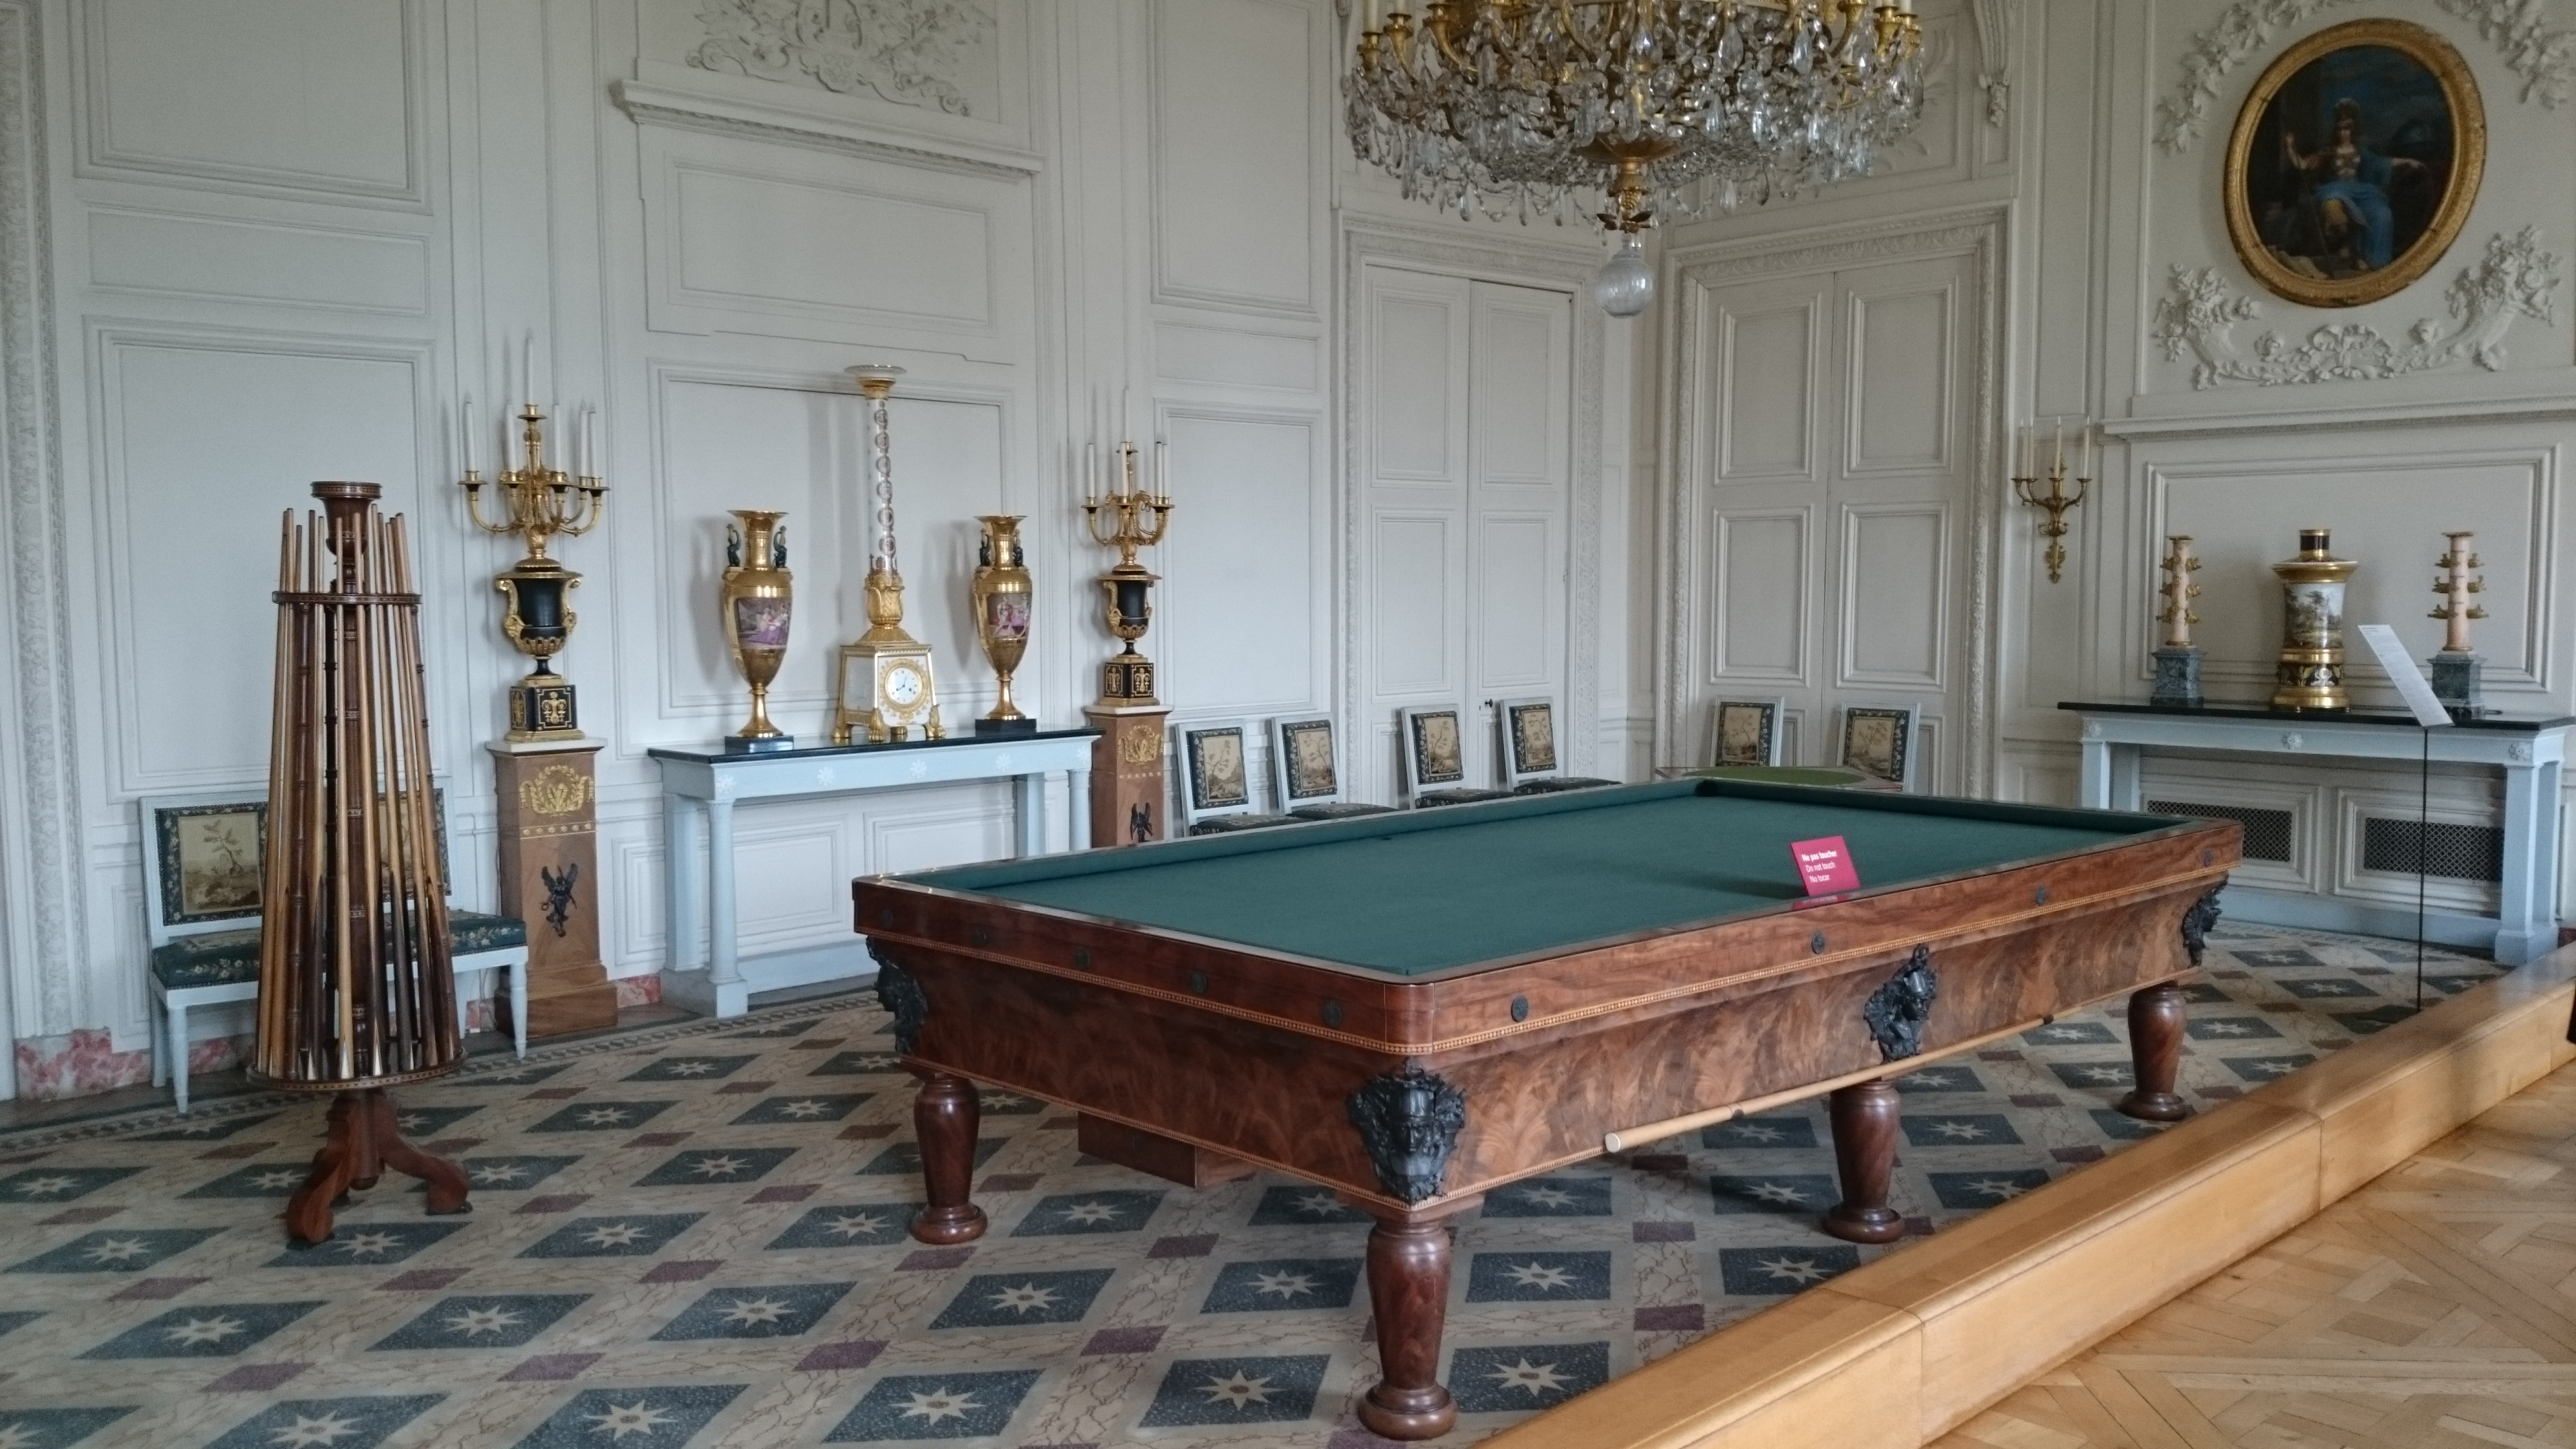 dsc 1218 - Visita al Palacio de Versalles: Como ir, cuanto cuesta y tips II/III